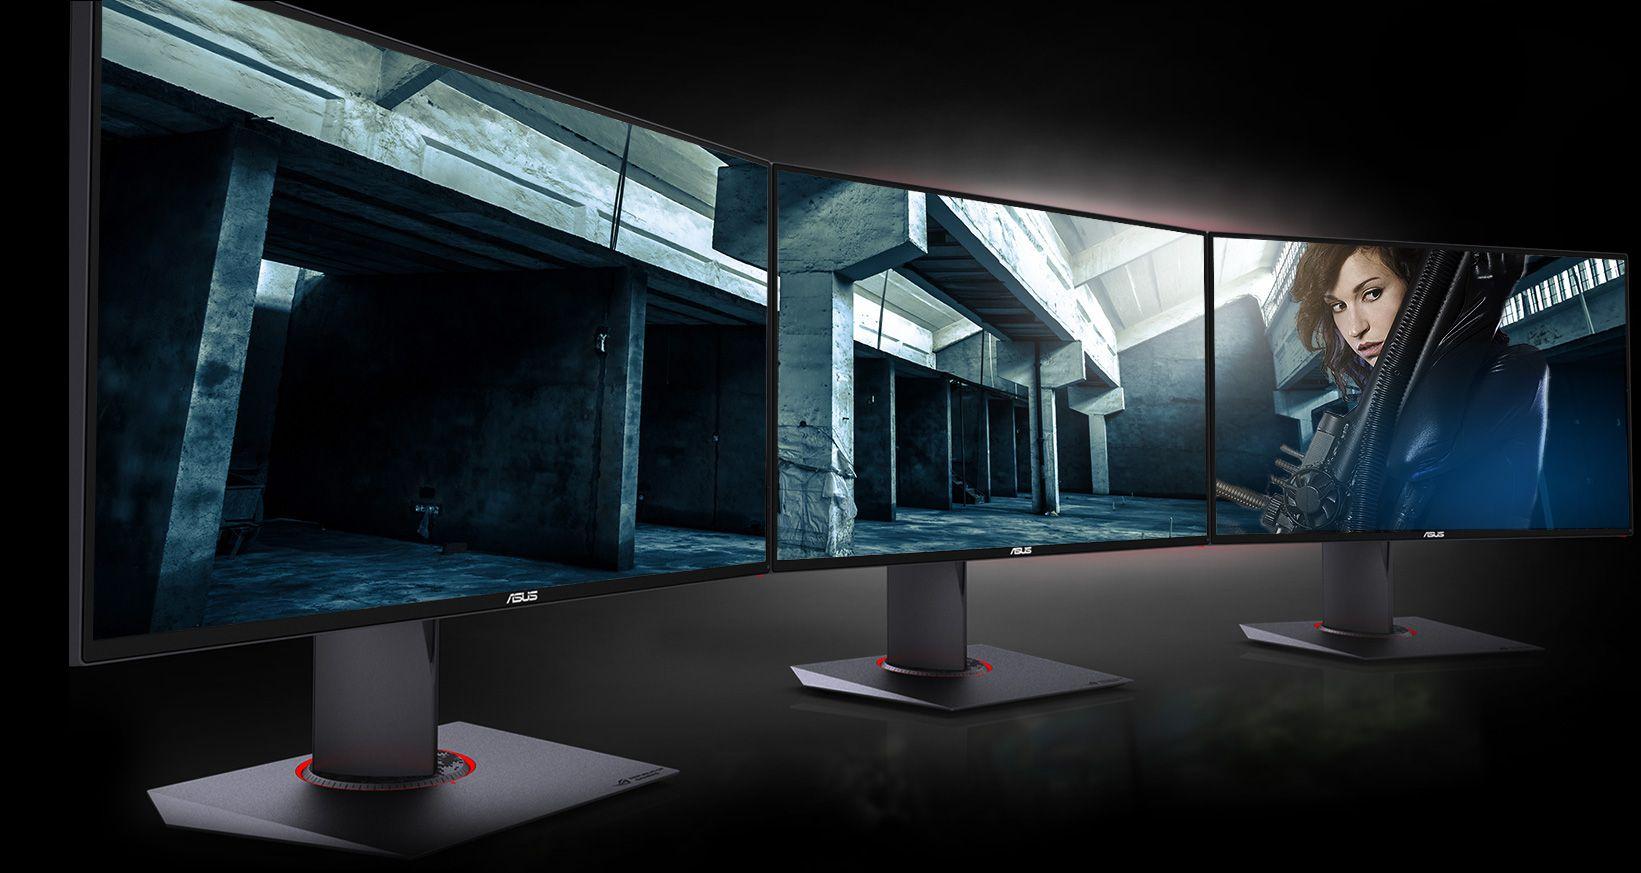 destockage asus rog pg278q ecran 3d 27 g sync 144hz ecran ordinateur au meilleur prix. Black Bedroom Furniture Sets. Home Design Ideas